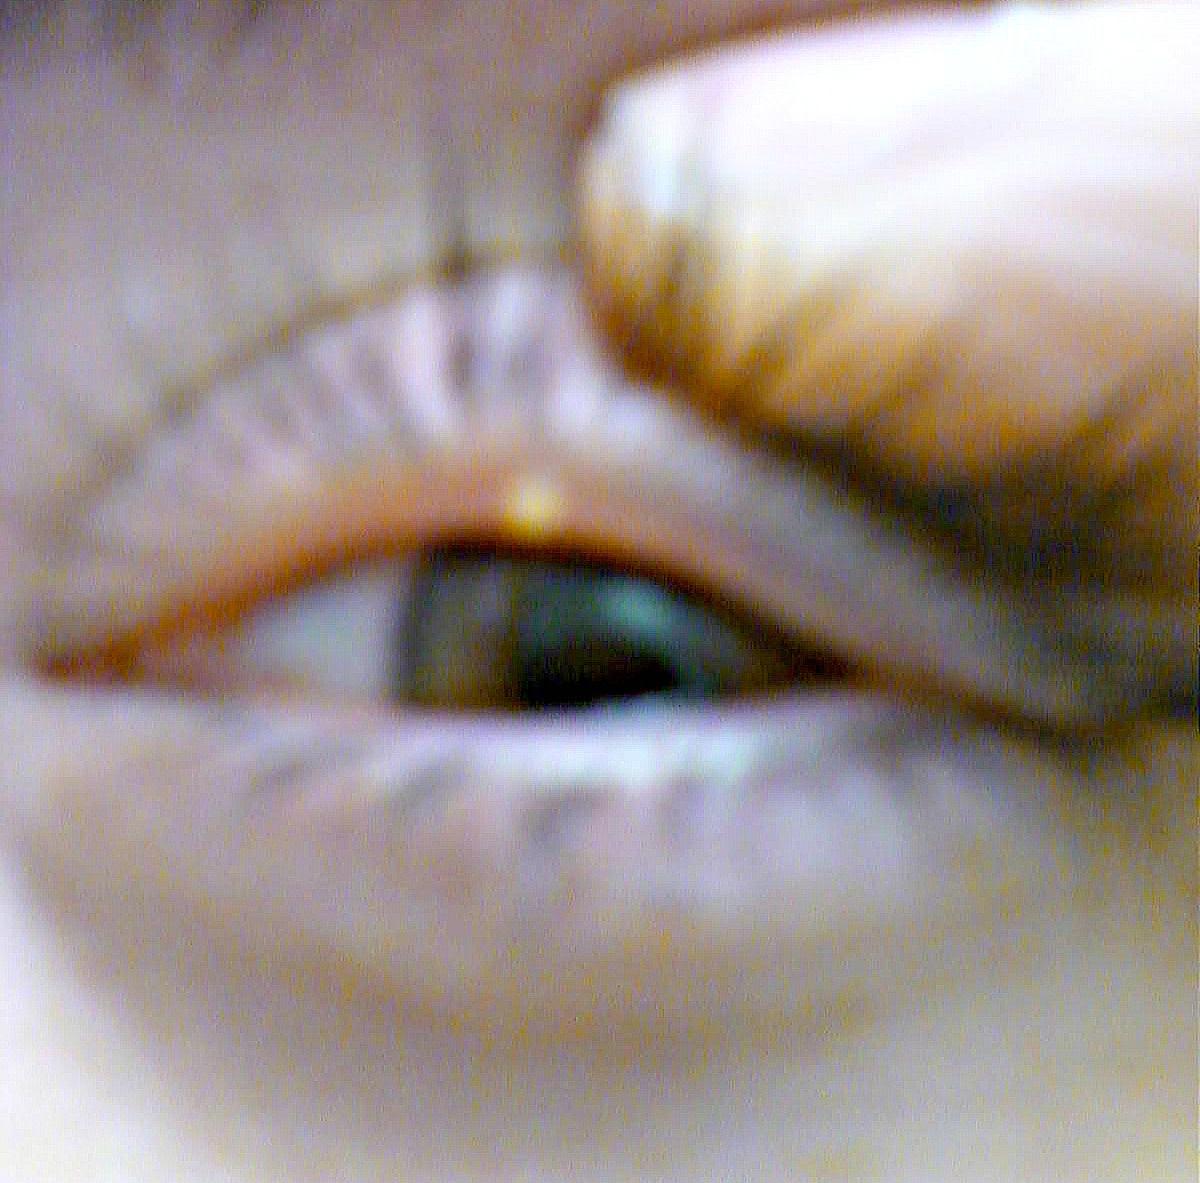 Stye under eyelid